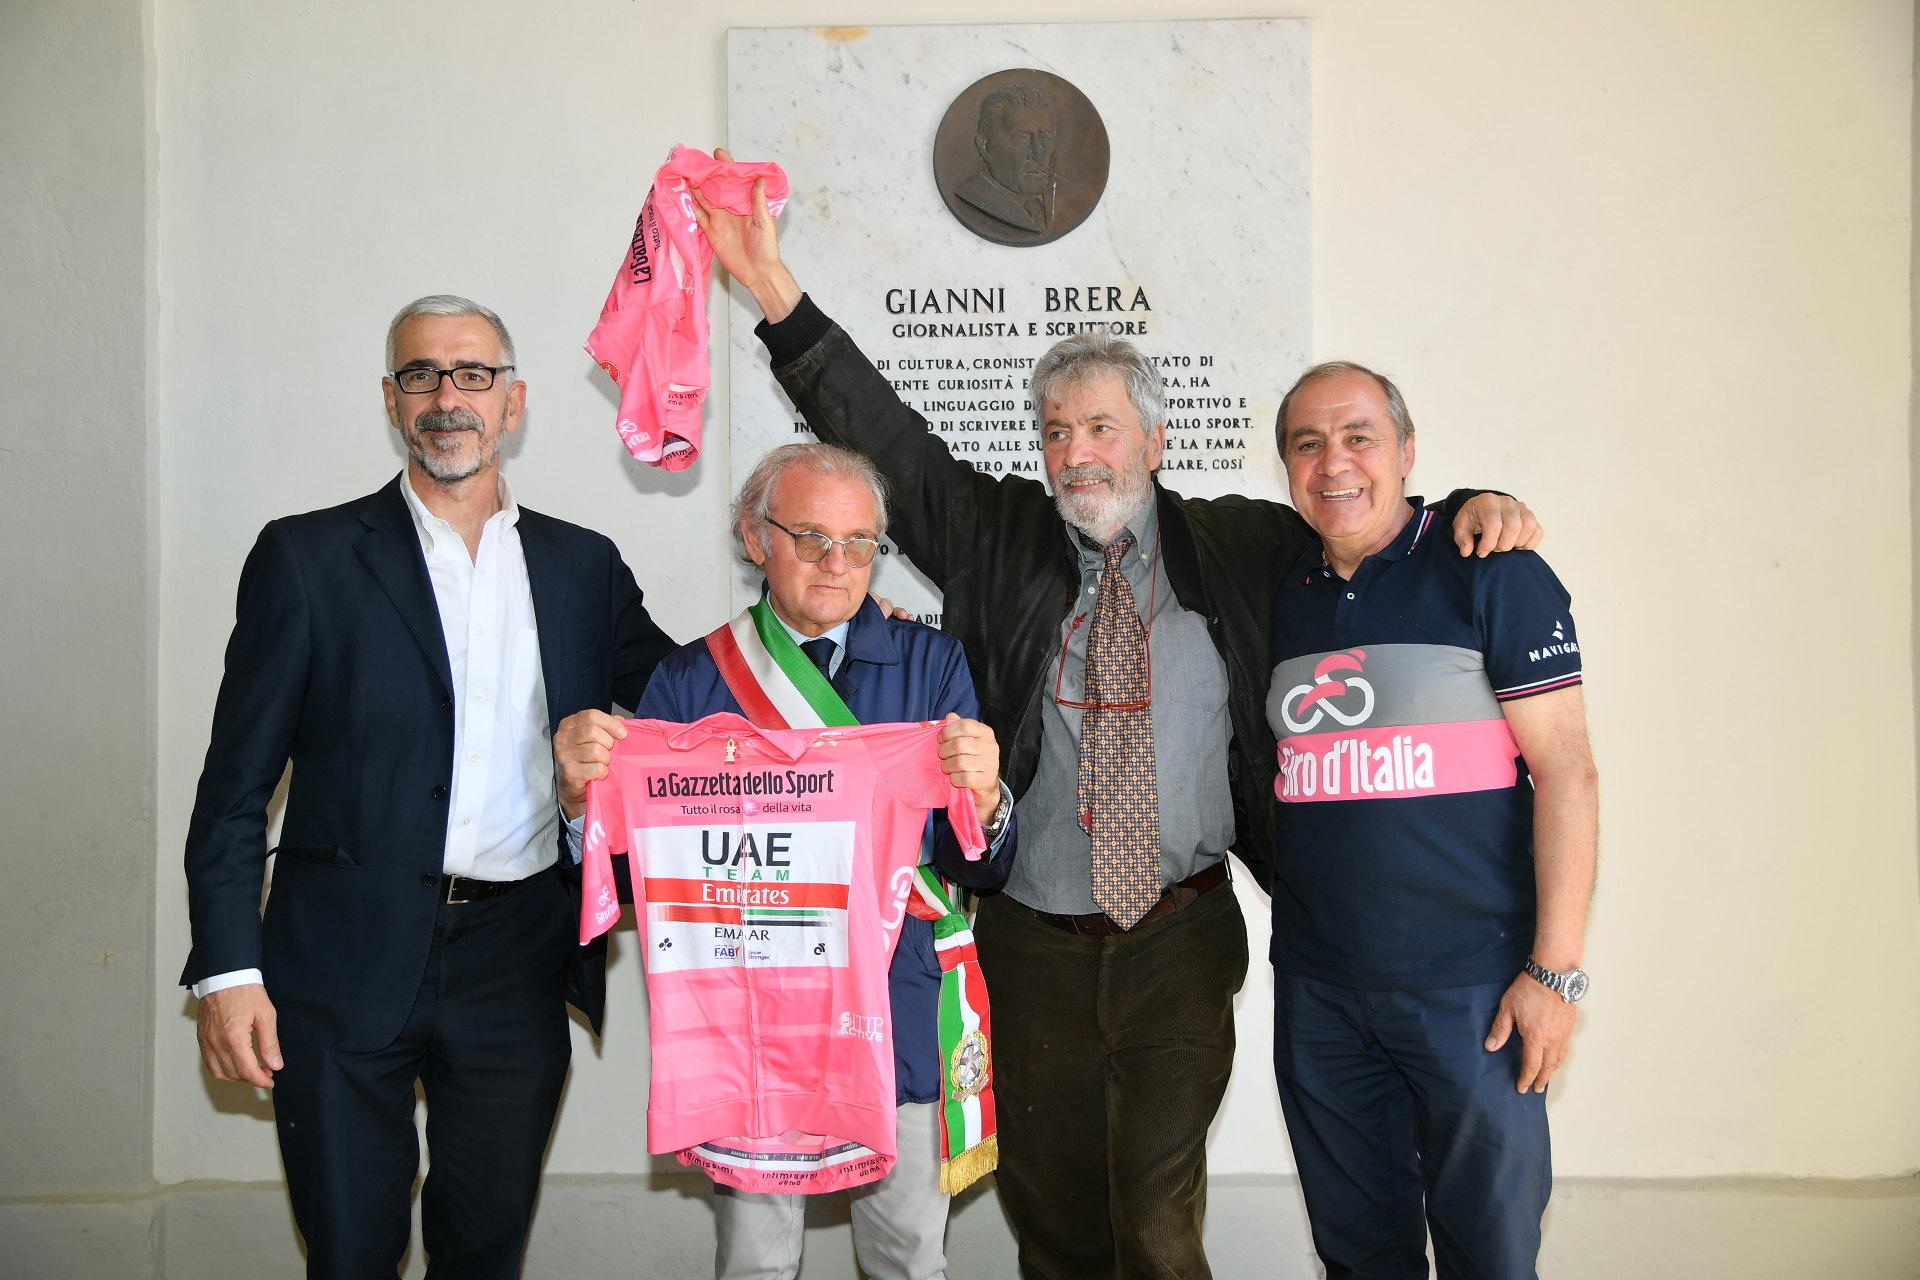 Da sinistra: Il Vicedirettore de La Gazzetta dello Sport Pier Bergonzi, il Sindaco di San Zenone al Po Eugenio Tartanelli, Franco, figlio di Gianni Brera e Mauro Vegni, Direttore del Giro d'Italia.